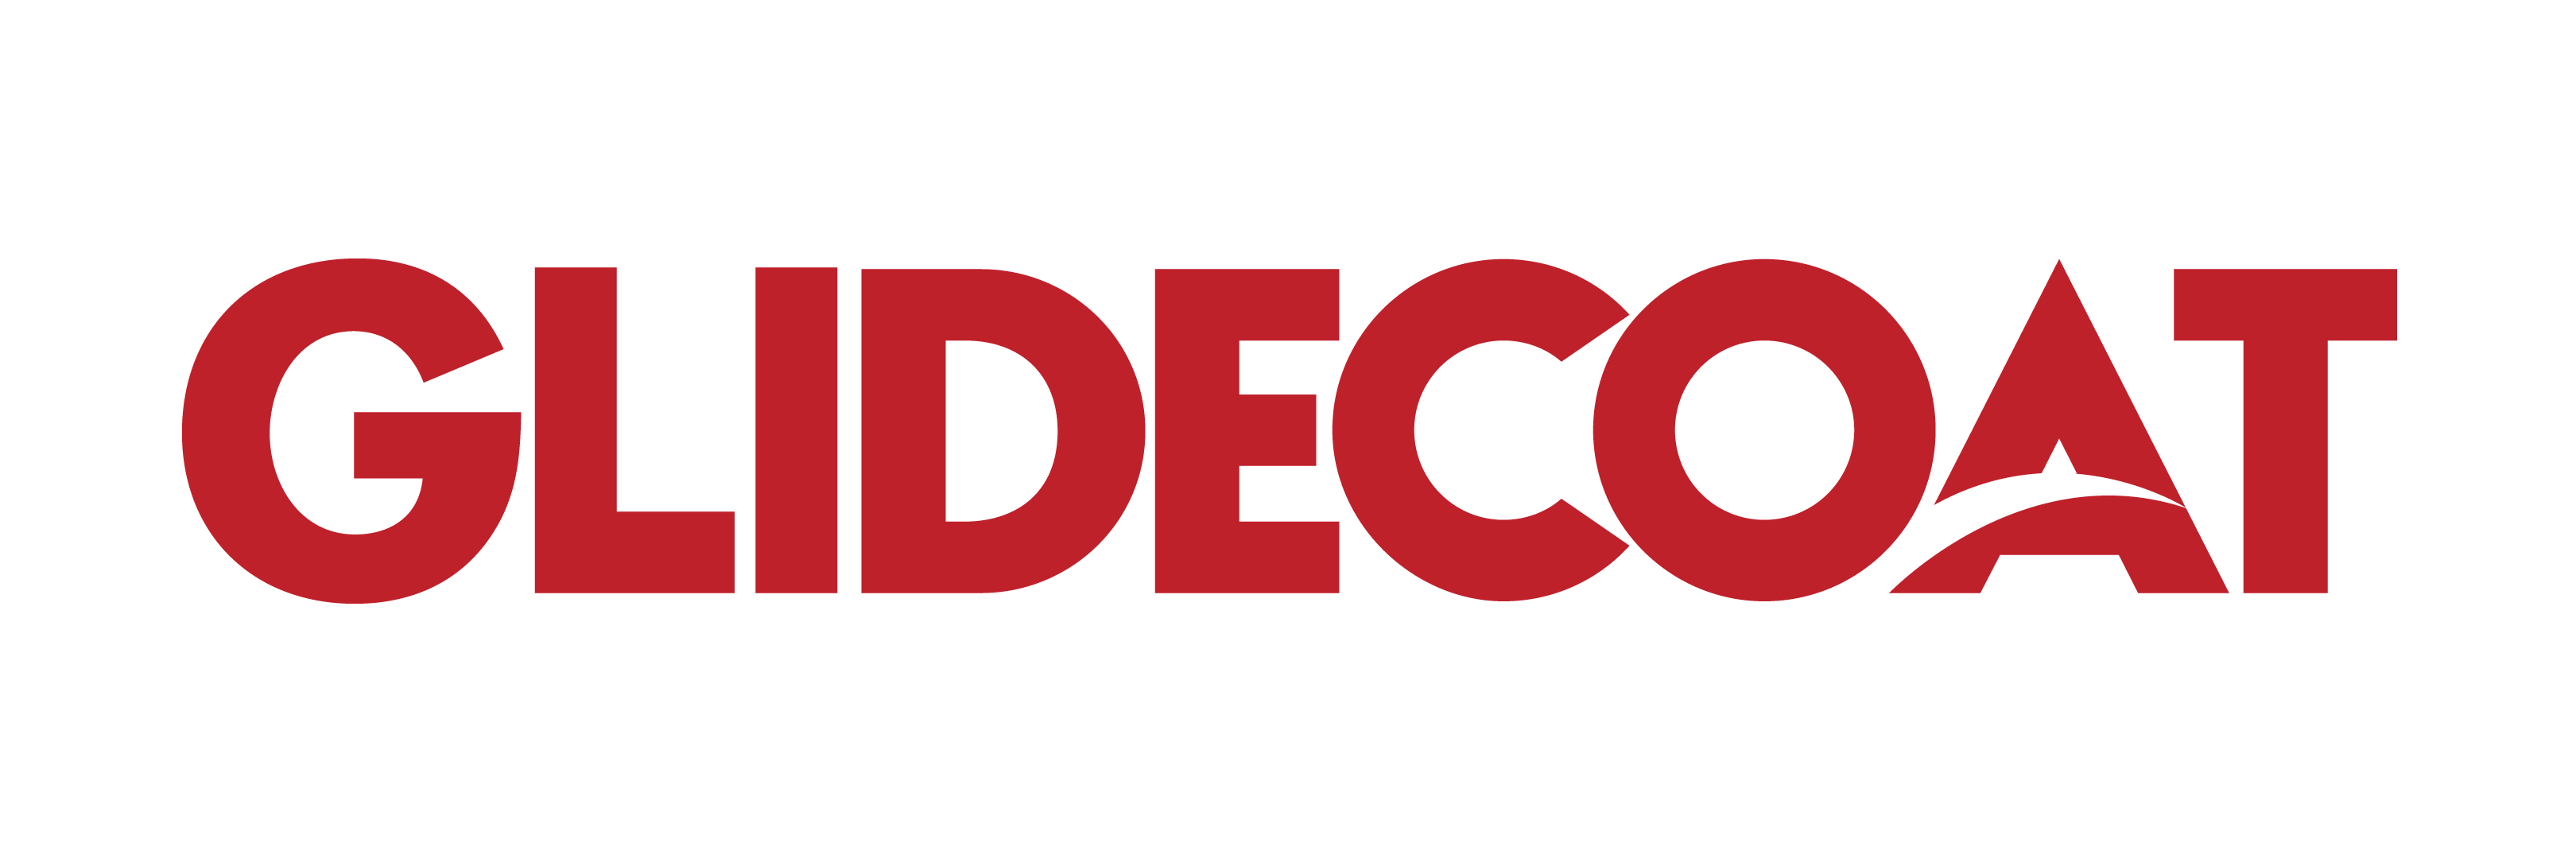 Glidecoat company logo